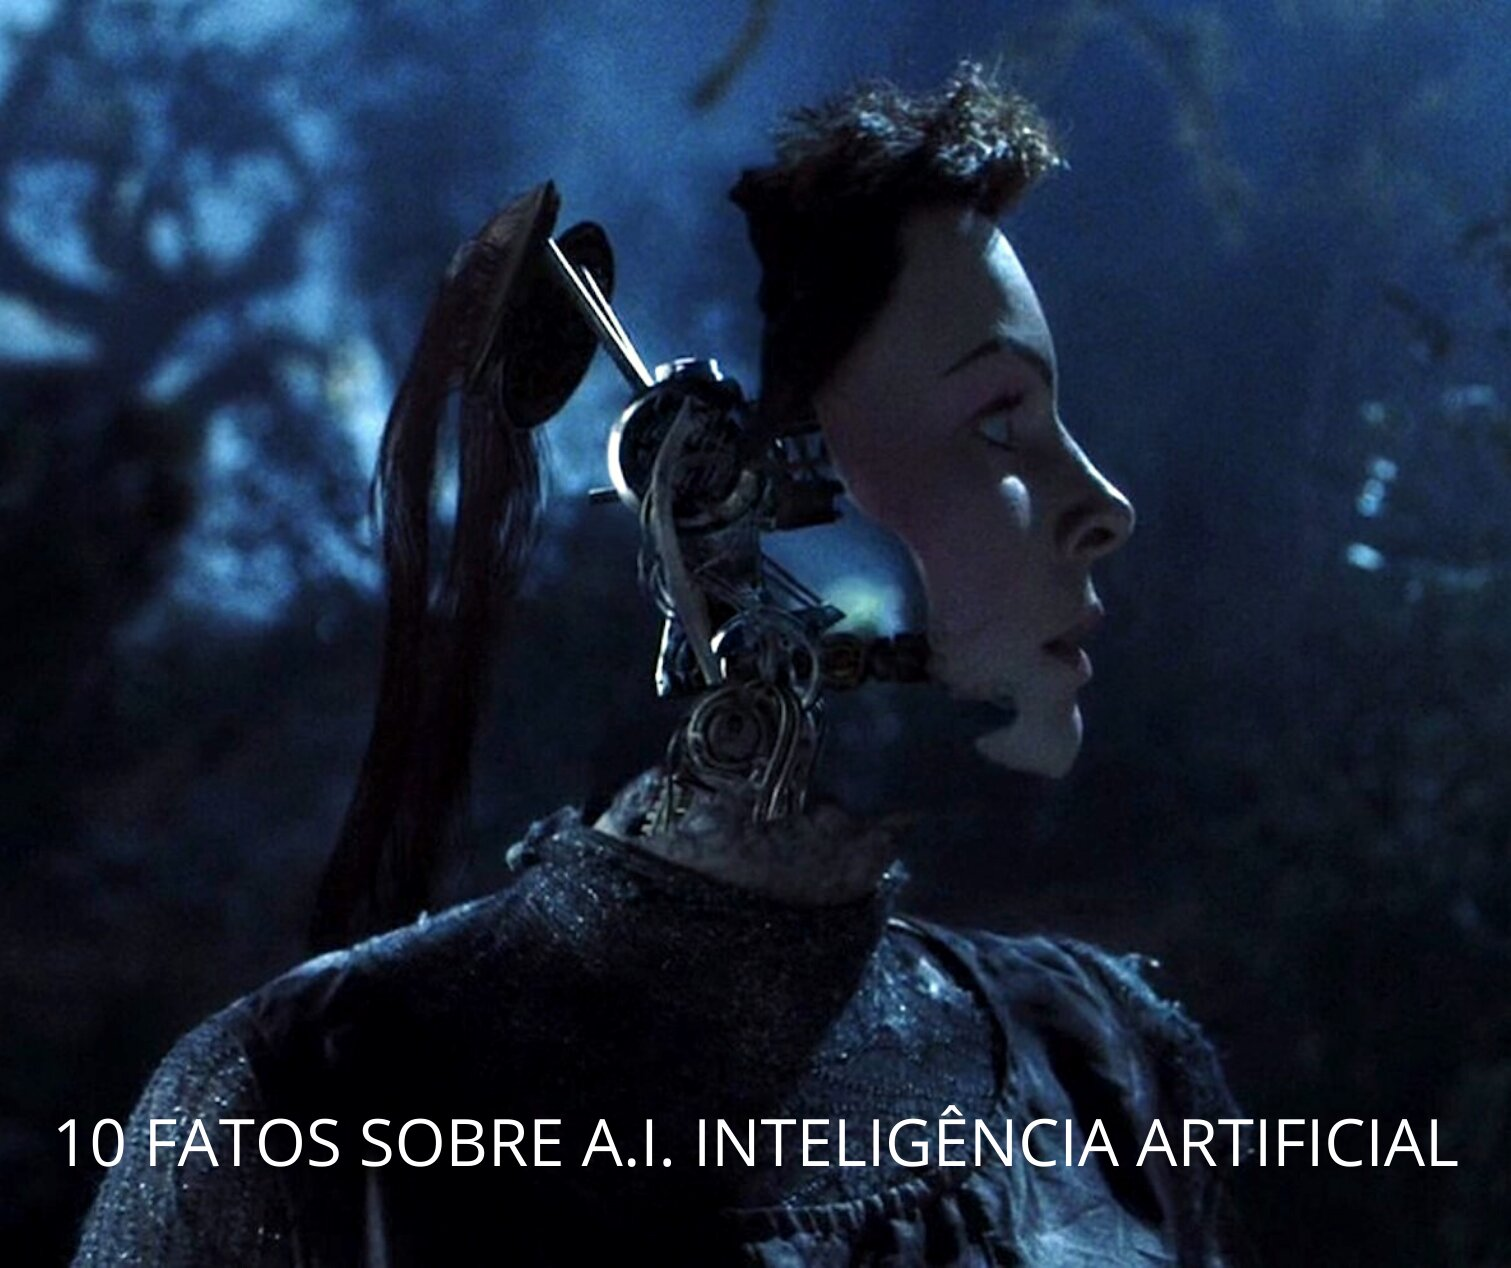 10 coisas que você não sabia sobre A.I. Inteligência Artificial